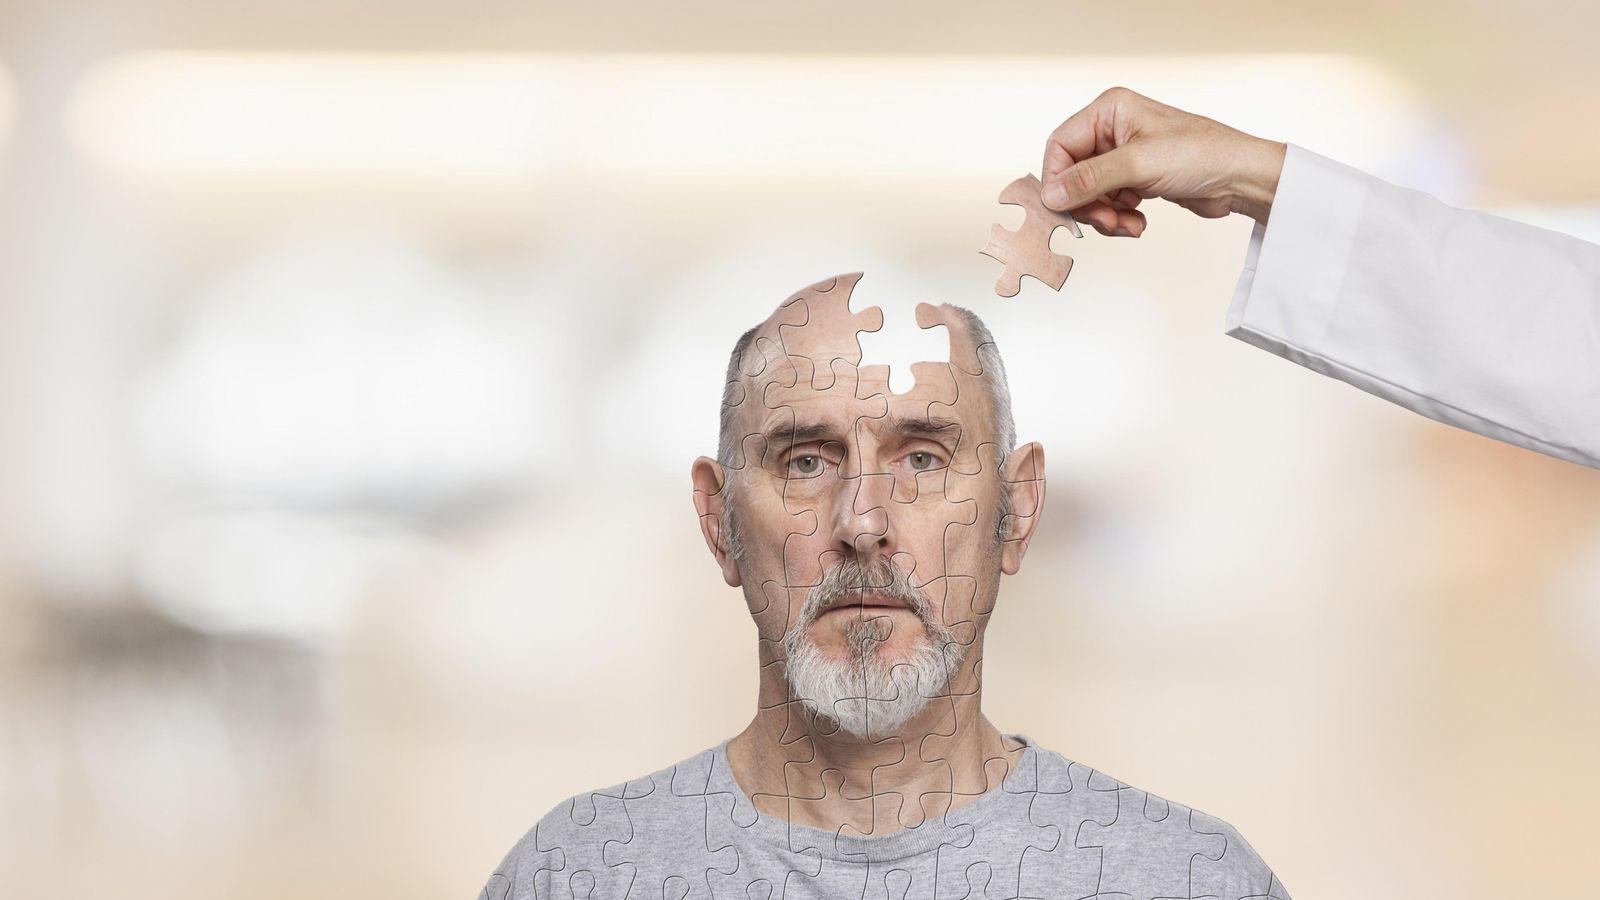 Salud: Los científicos encuentran un posible origen del